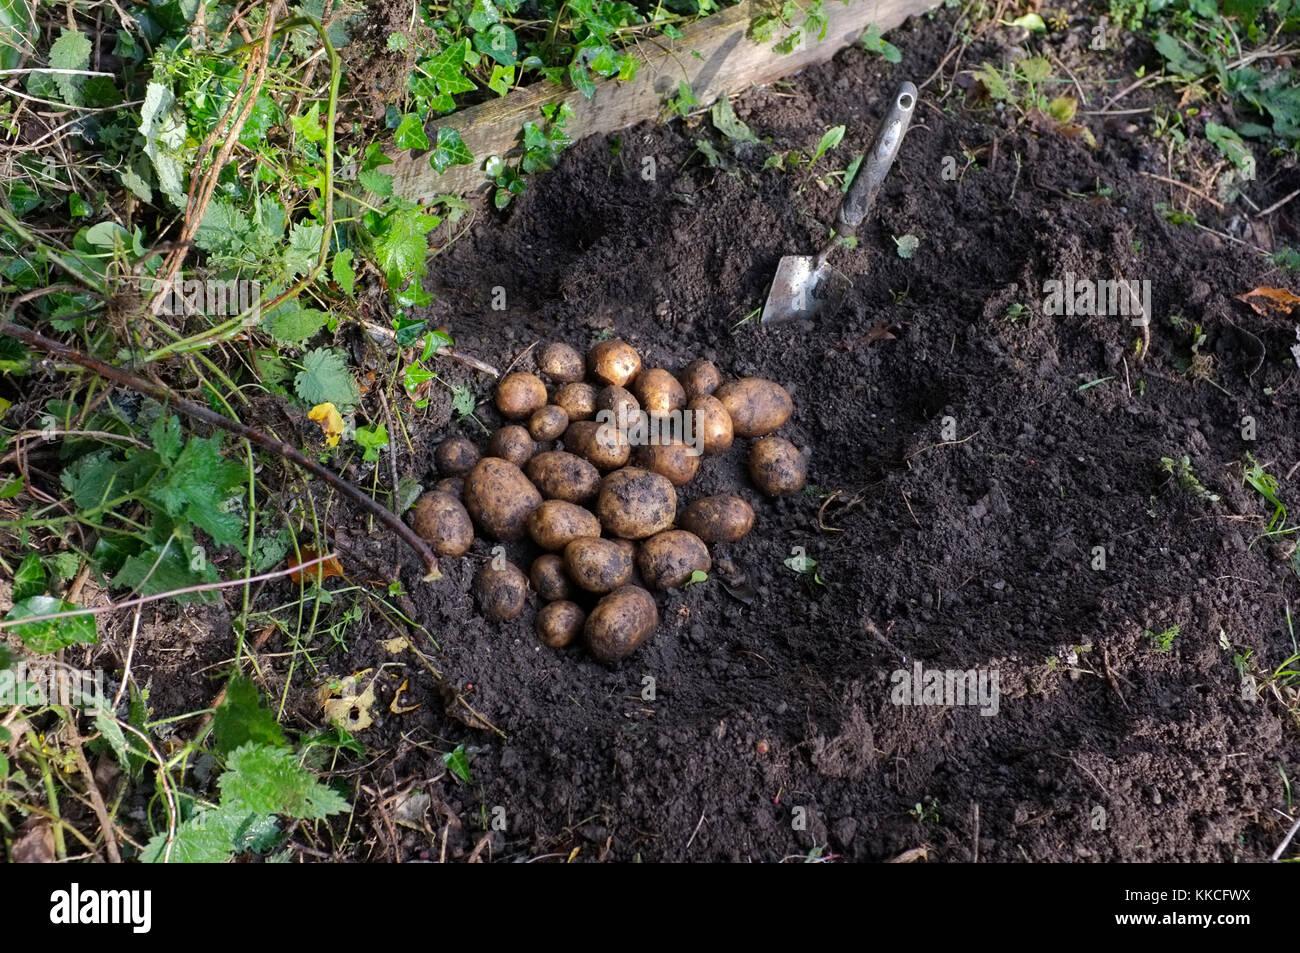 Freshly dug potatoes - Stock Image